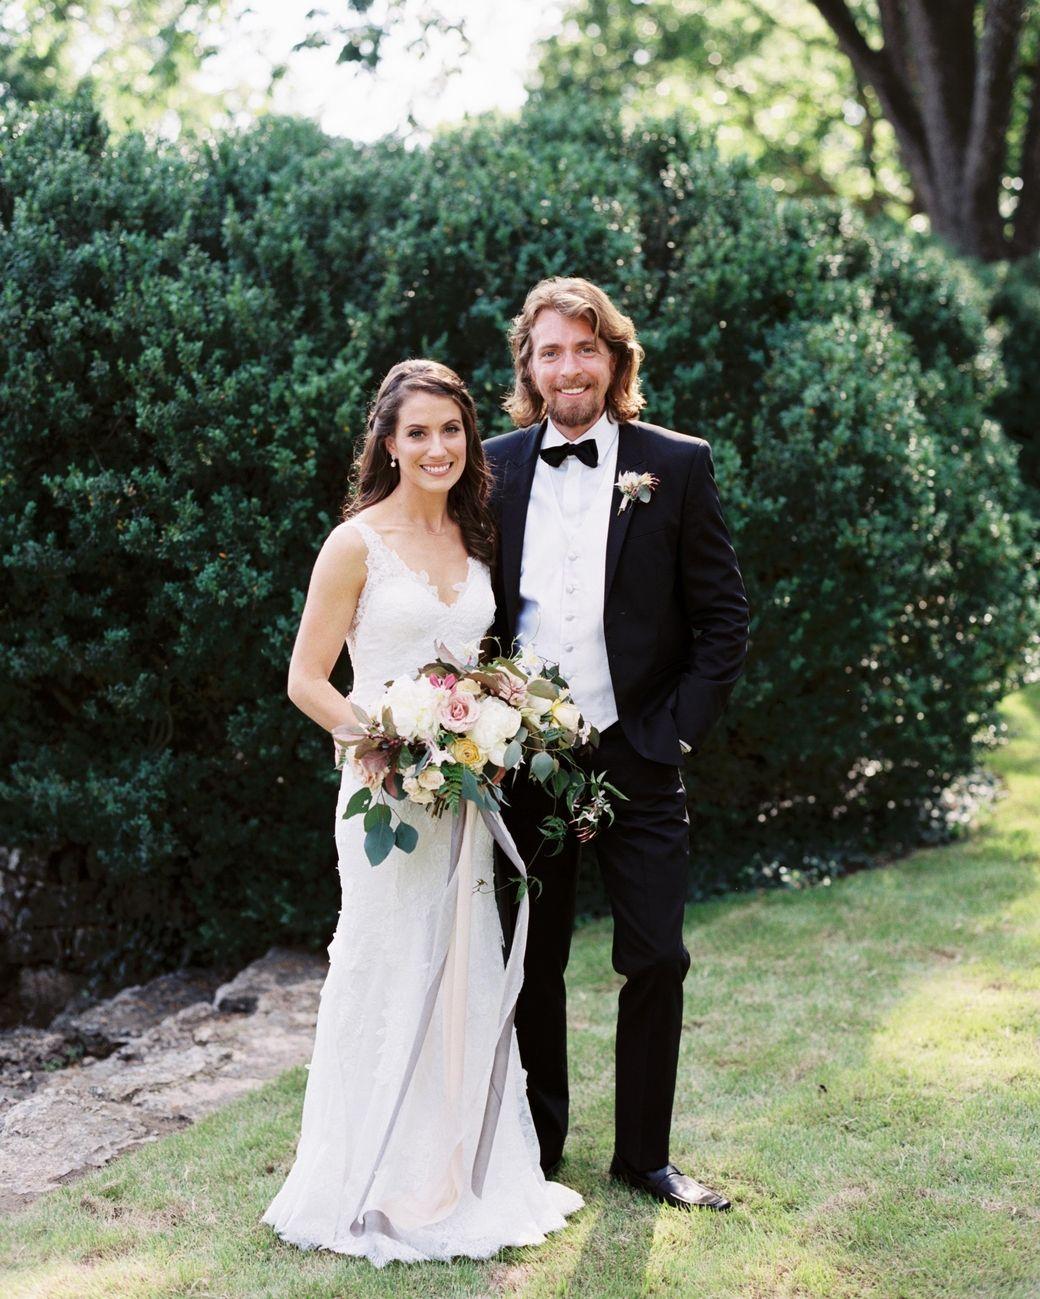 Wedding Gowns Nashville: A Dreamy Garden Wedding In Nashville, Tennessee